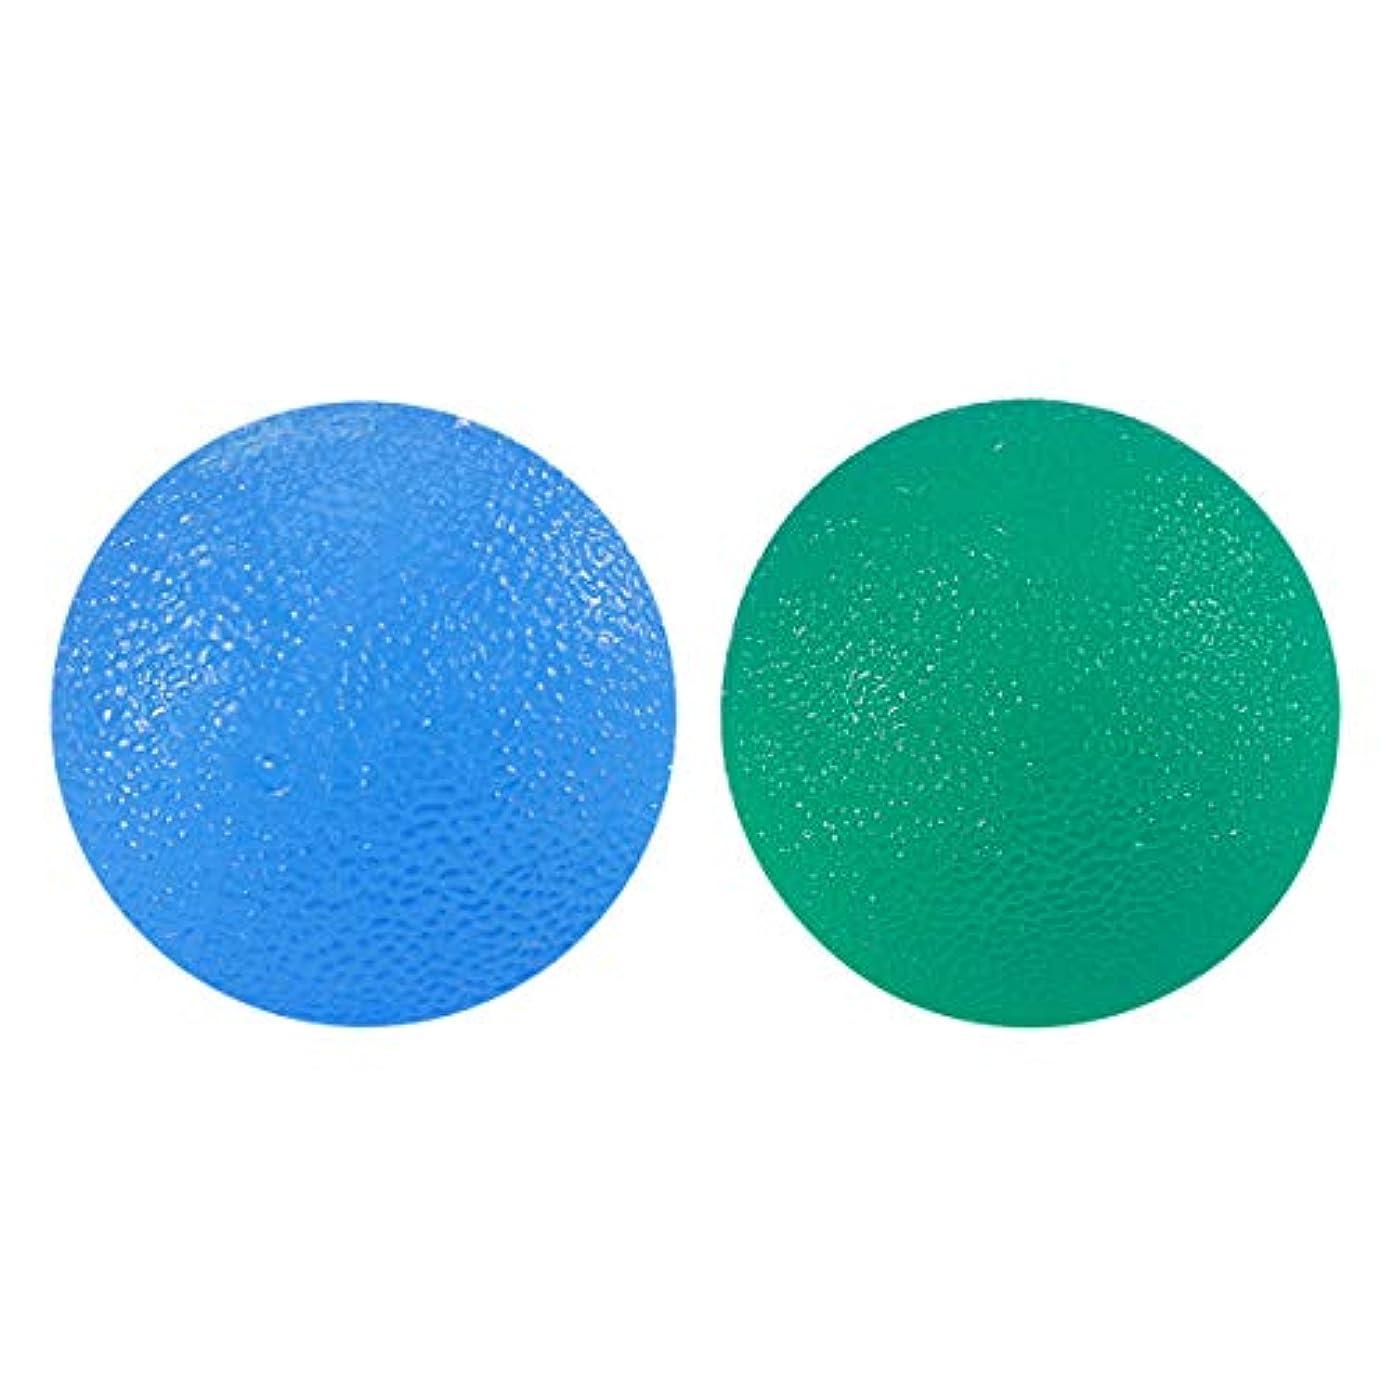 機会独裁者パンフレットHEALIFTY 2本の中国の健康運動マッサージボールのストレスは、手の運動(緑と青)